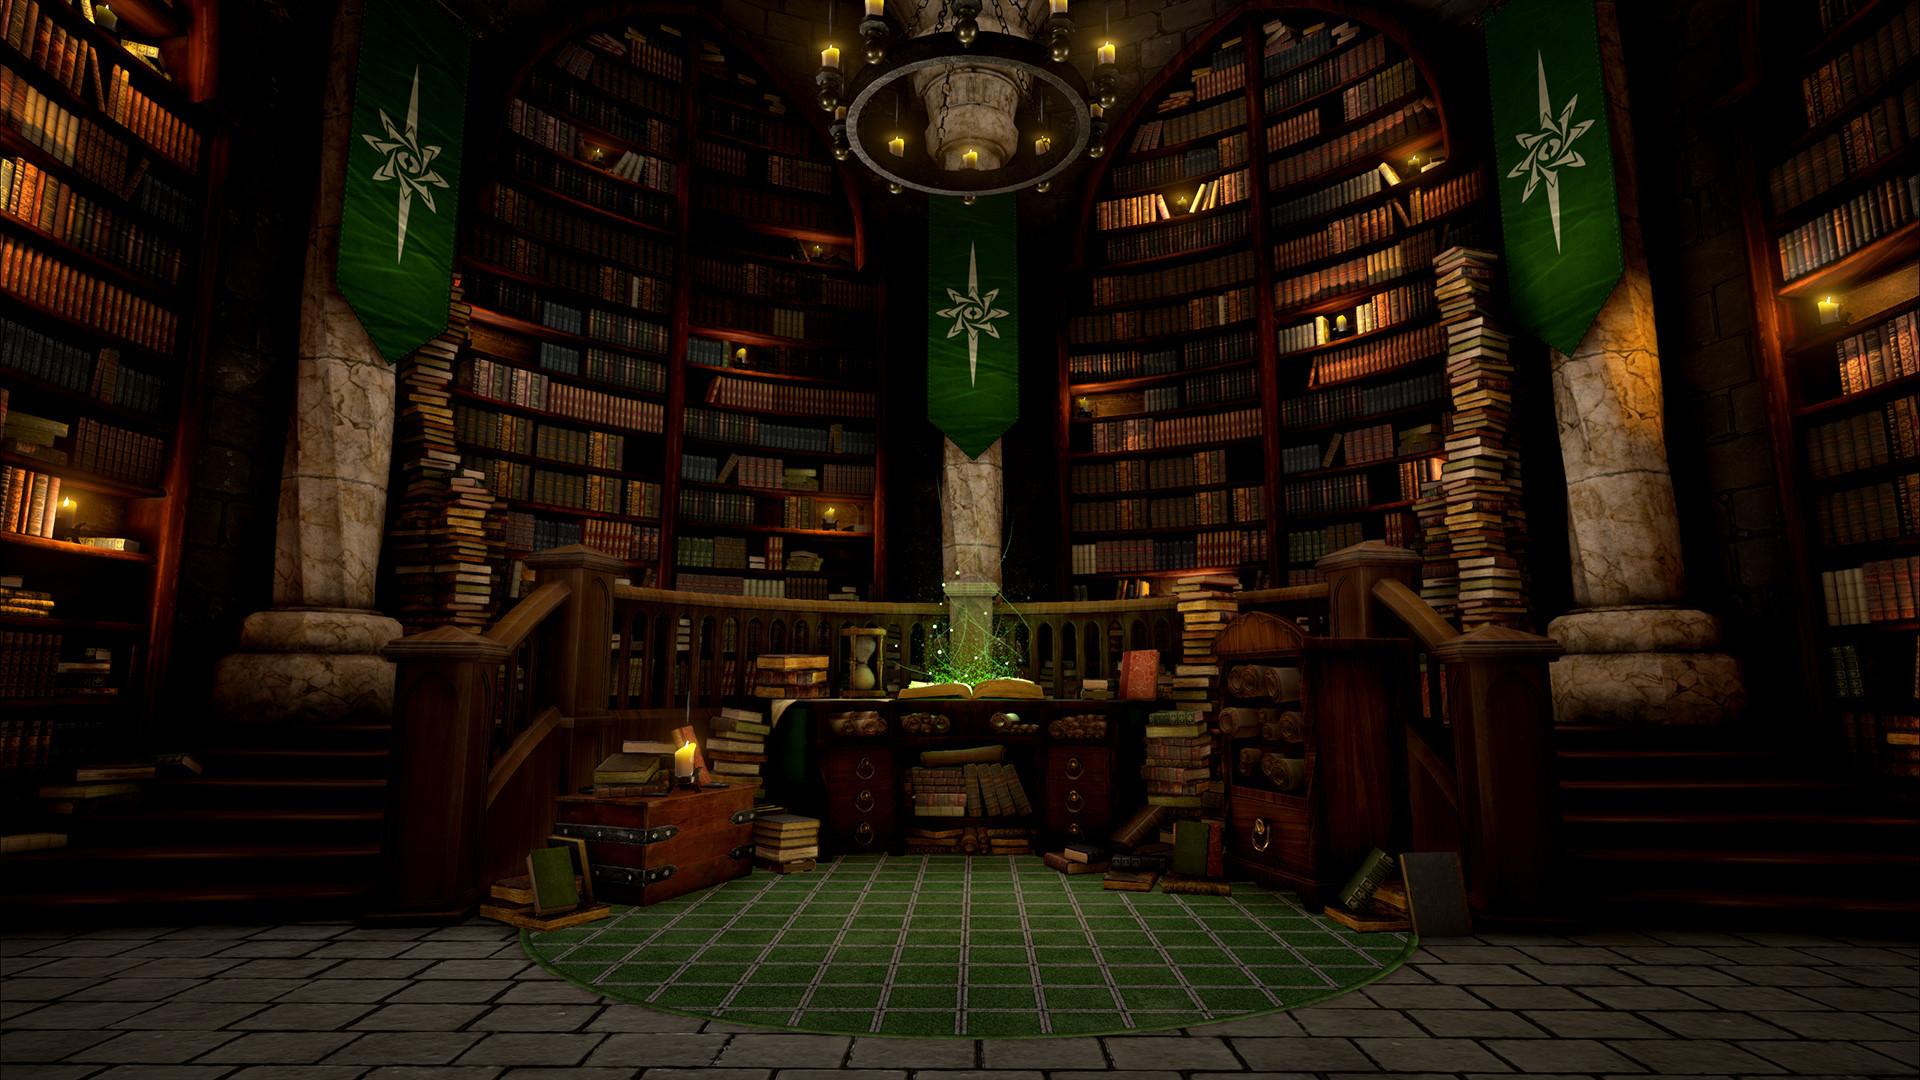 Mason Roy - Fantasy Library